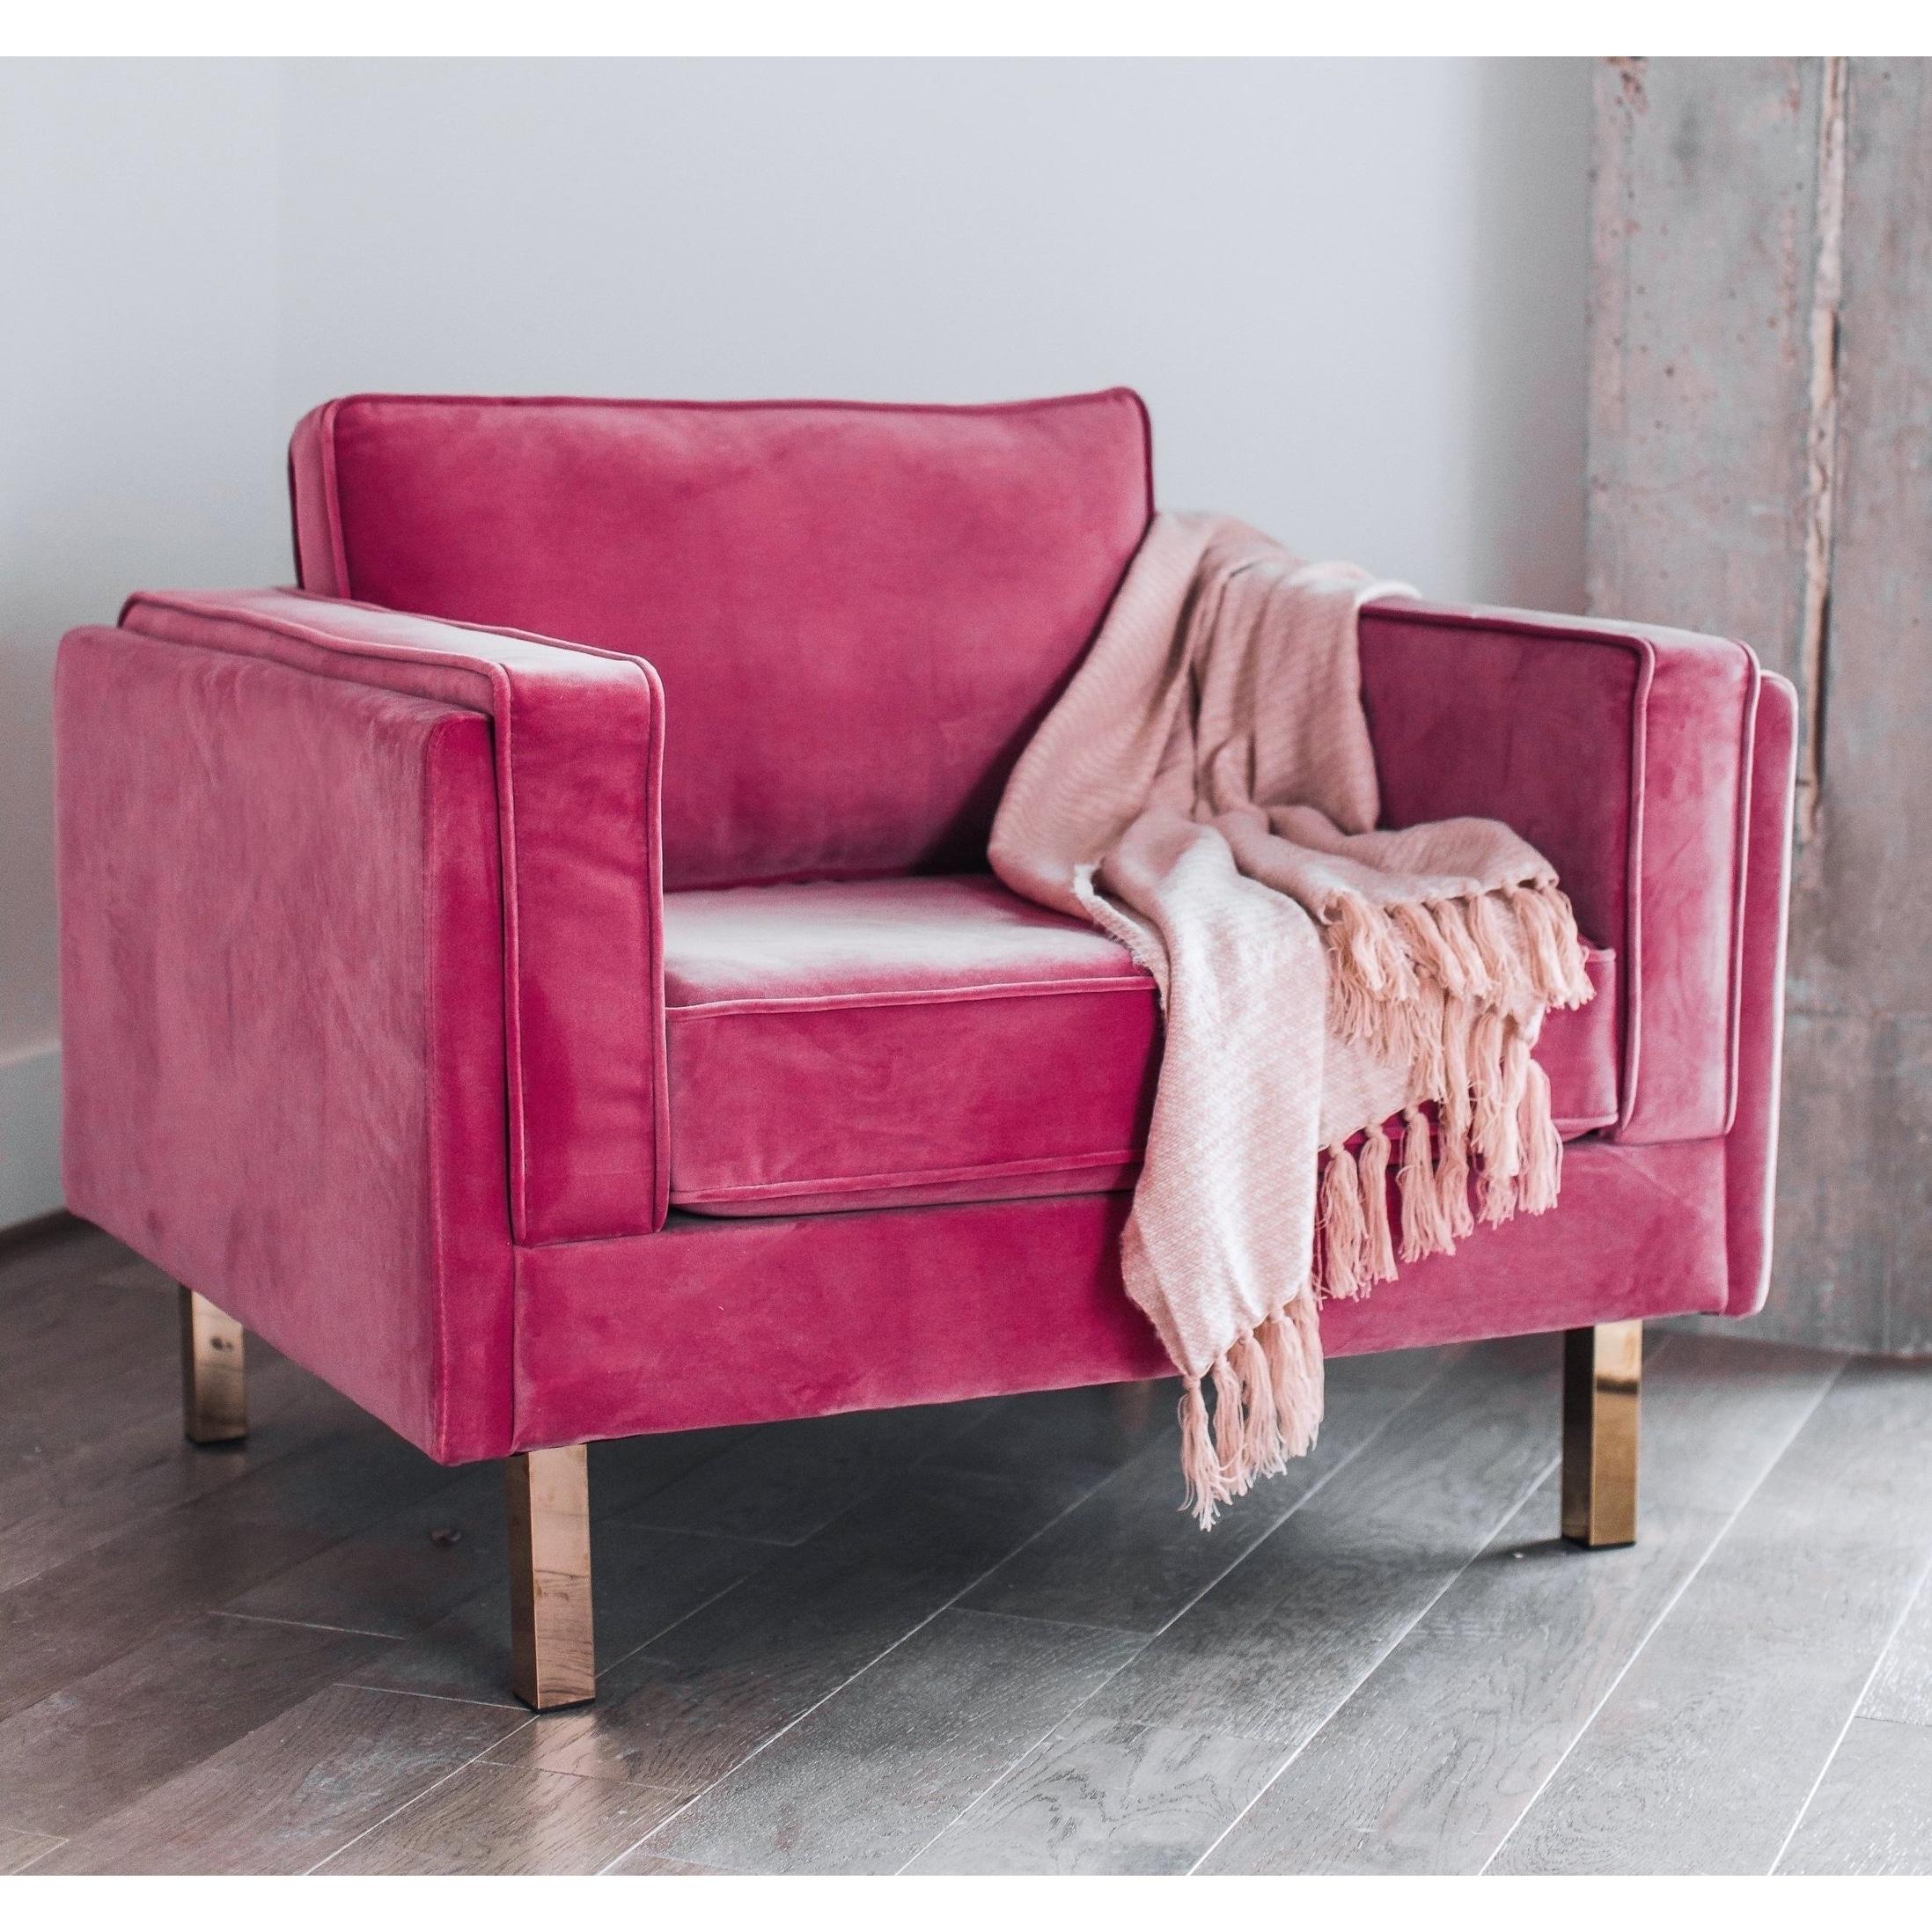 Kinsley modern pink velvet upholstered living room accent chair